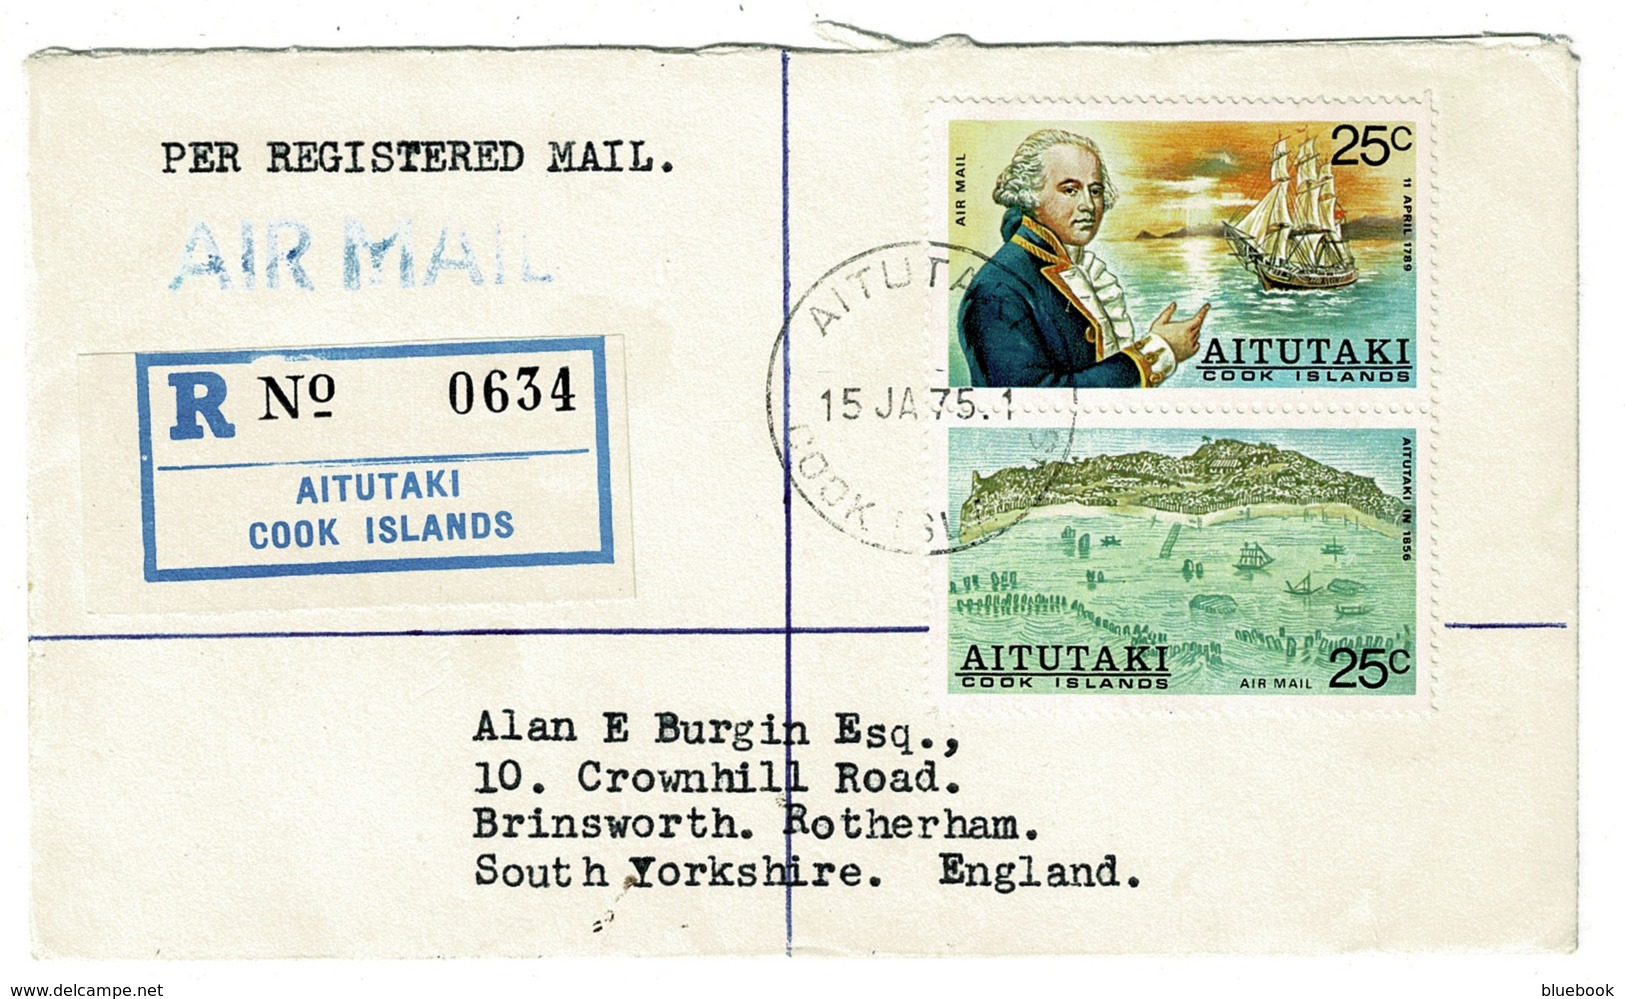 Ref 1334 - 1975 Registered Airmail Cover - 50c Rate Aitutaki Pacific Cook Islands To UK - Aitutaki